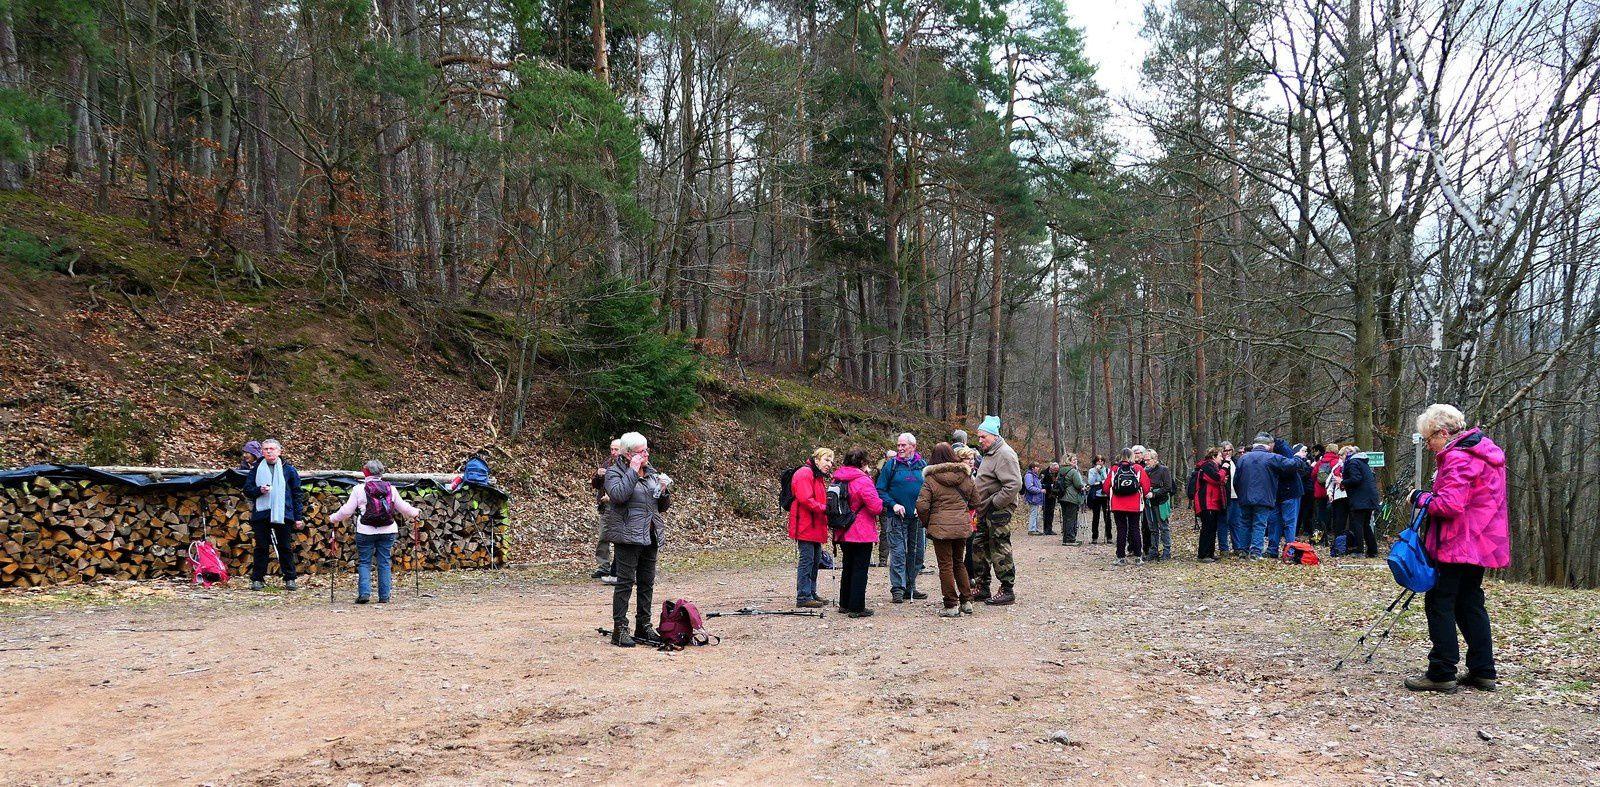 Sortie séniors du 20 février 2019, Dans les bois de Griesbach-au-Val.